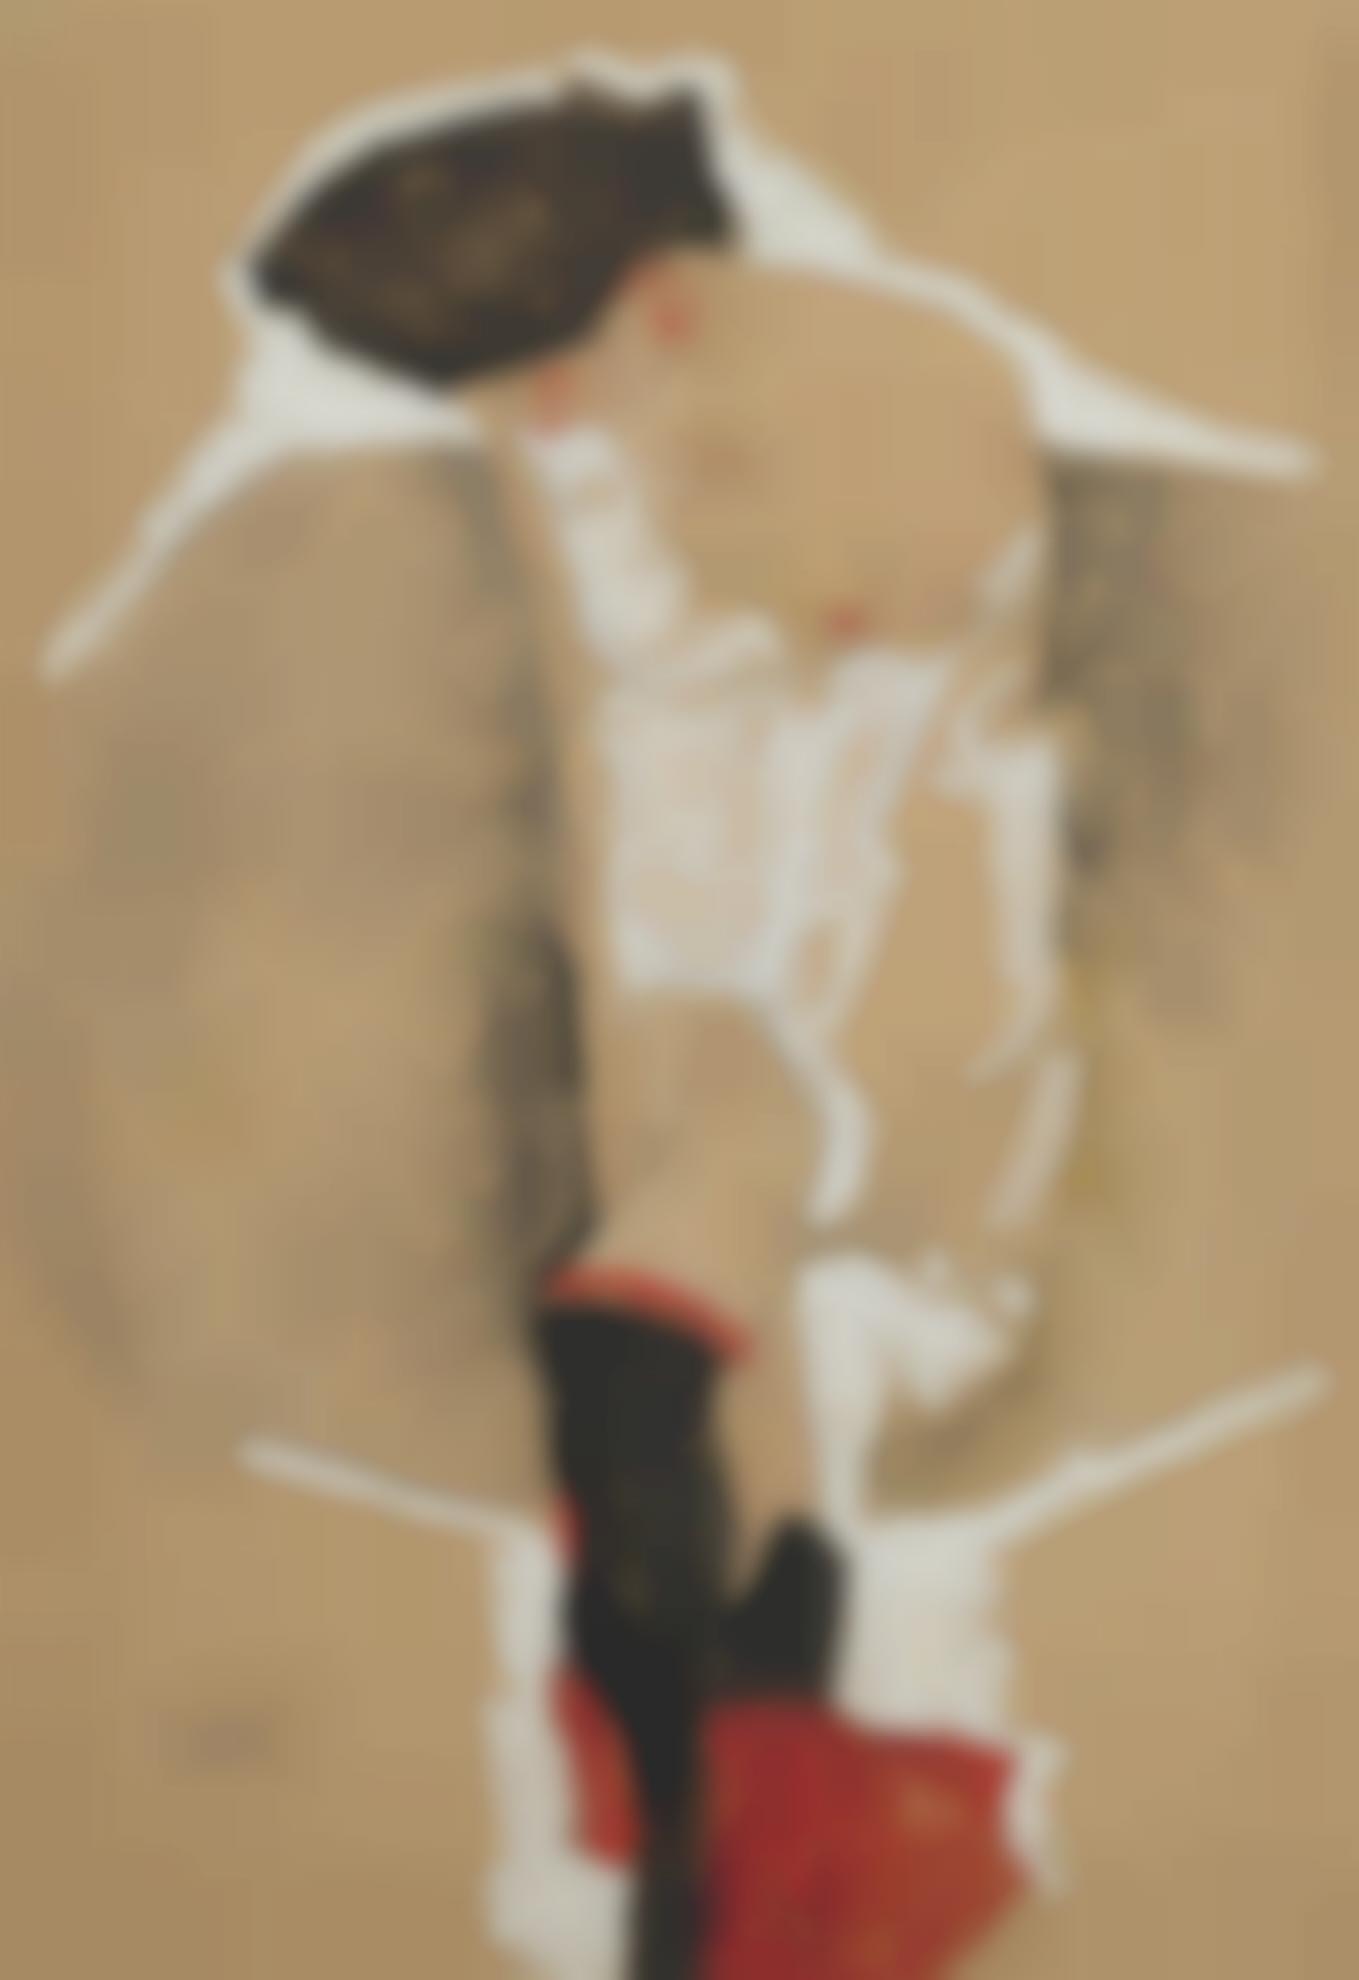 Egon Schiele-Stehendes Madchen Im Hemd, Mit Schwarzen Strumpfen Und Rotem Tuch (Standing Female In Shirt With Black Stockings And Red Scarf)-1911